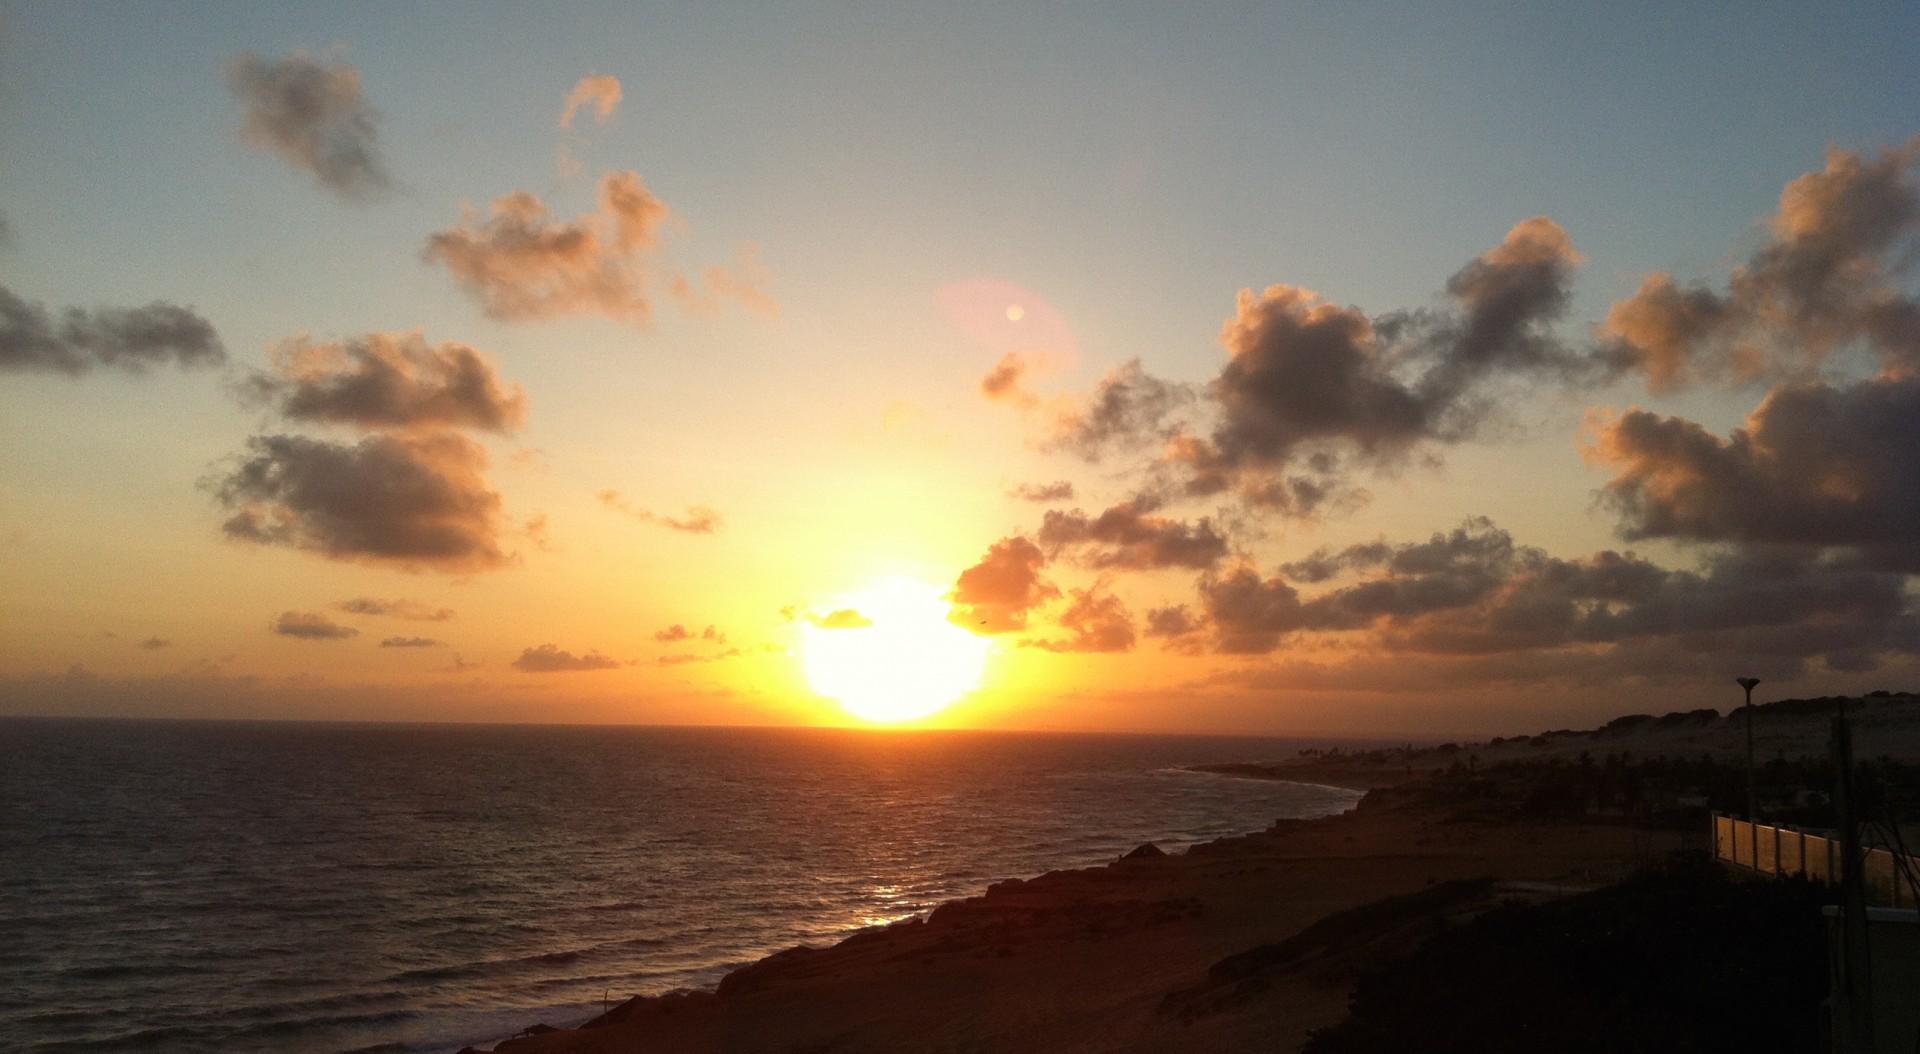 Canoa Quebrada_sunrice ocean_beach house_casa malou mar 1